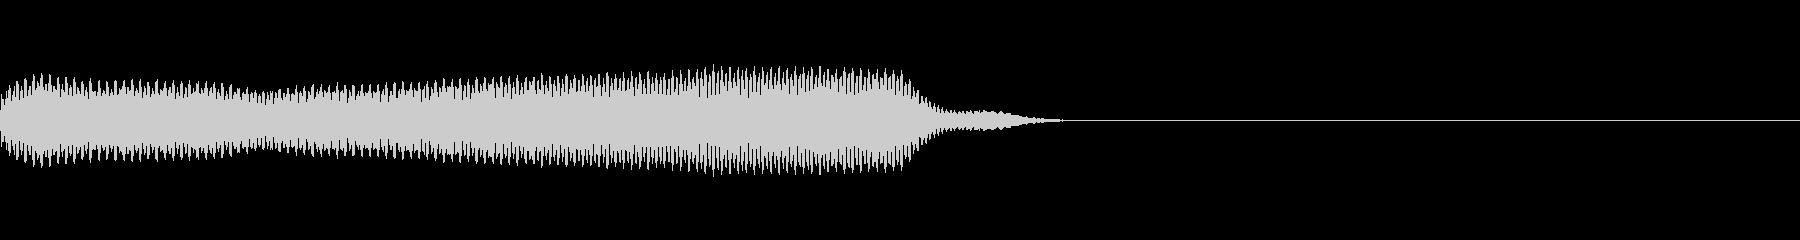 ビーッ!(エラー音)の未再生の波形